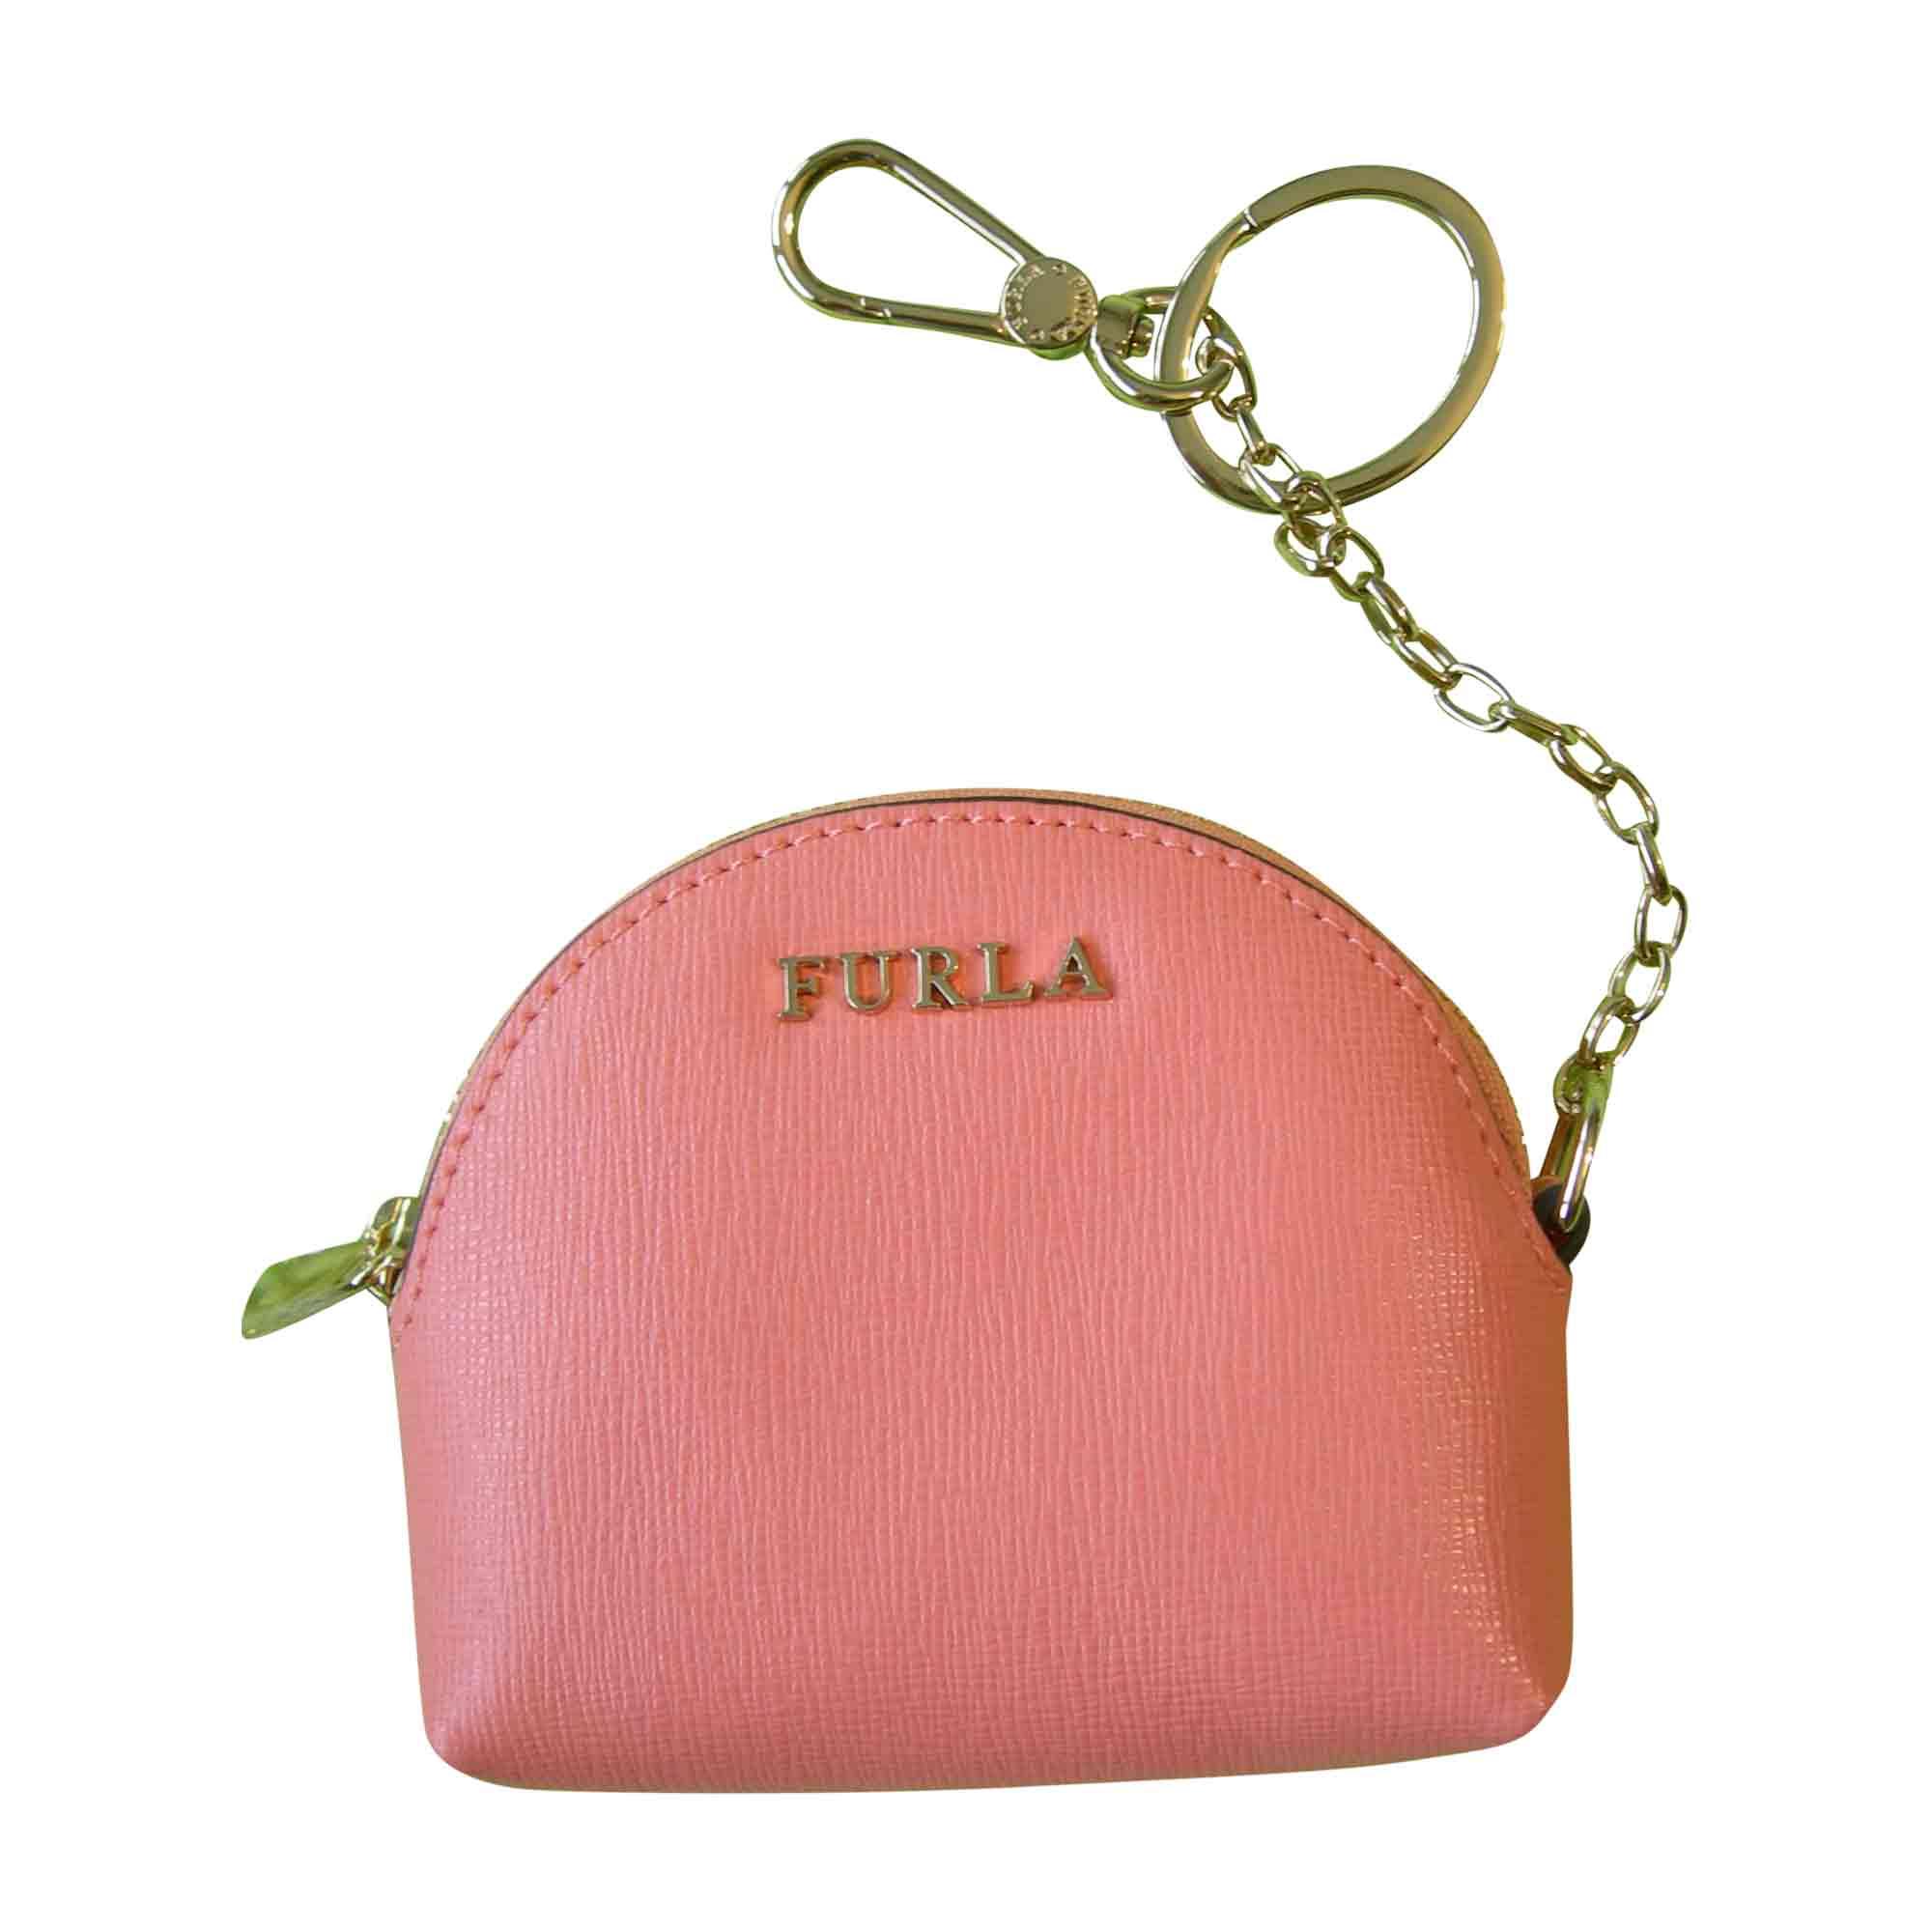 Porte-clés FURLA rose vendu par S petites envies172737 - 6898884 fe1018babed